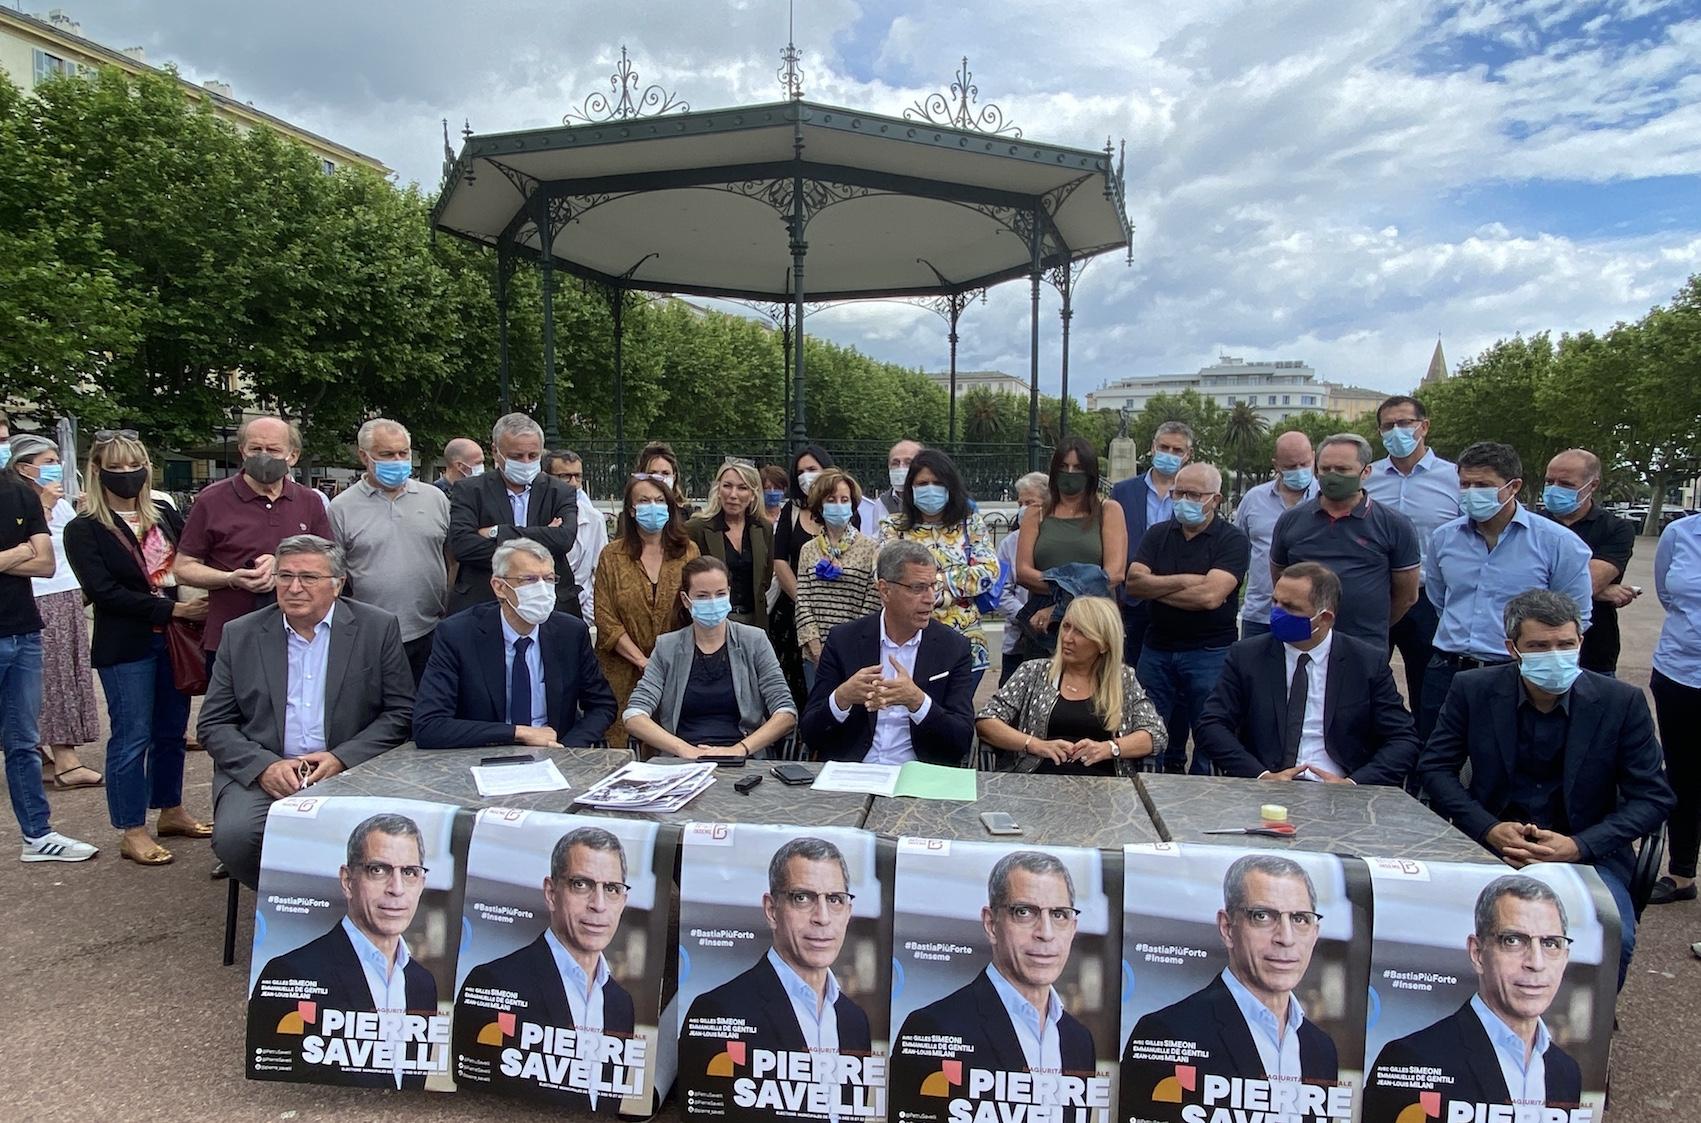 Pierre Savelli et son équipe entrent en campagne de second tour avec notamment le président de l'exécutif Gilles Simeoni, les trois députés et deux maires de la CAB.